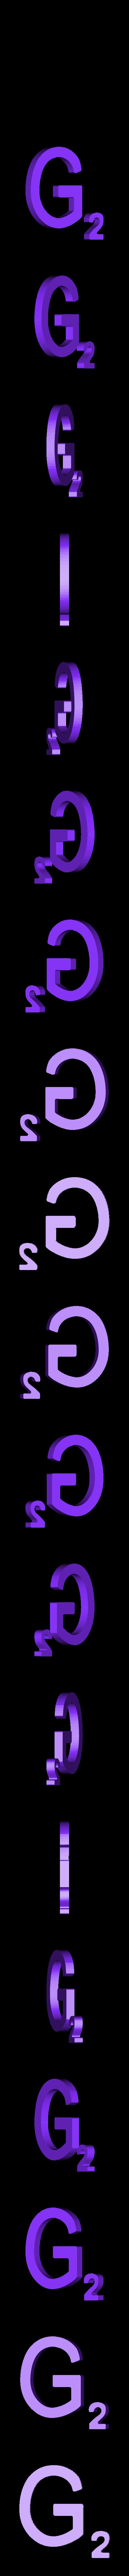 Dual_Letter_G.STL Télécharger fichier STL gratuit Pièces et support SCRABBBLE • Design pour imprimante 3D, Balkhagal4D